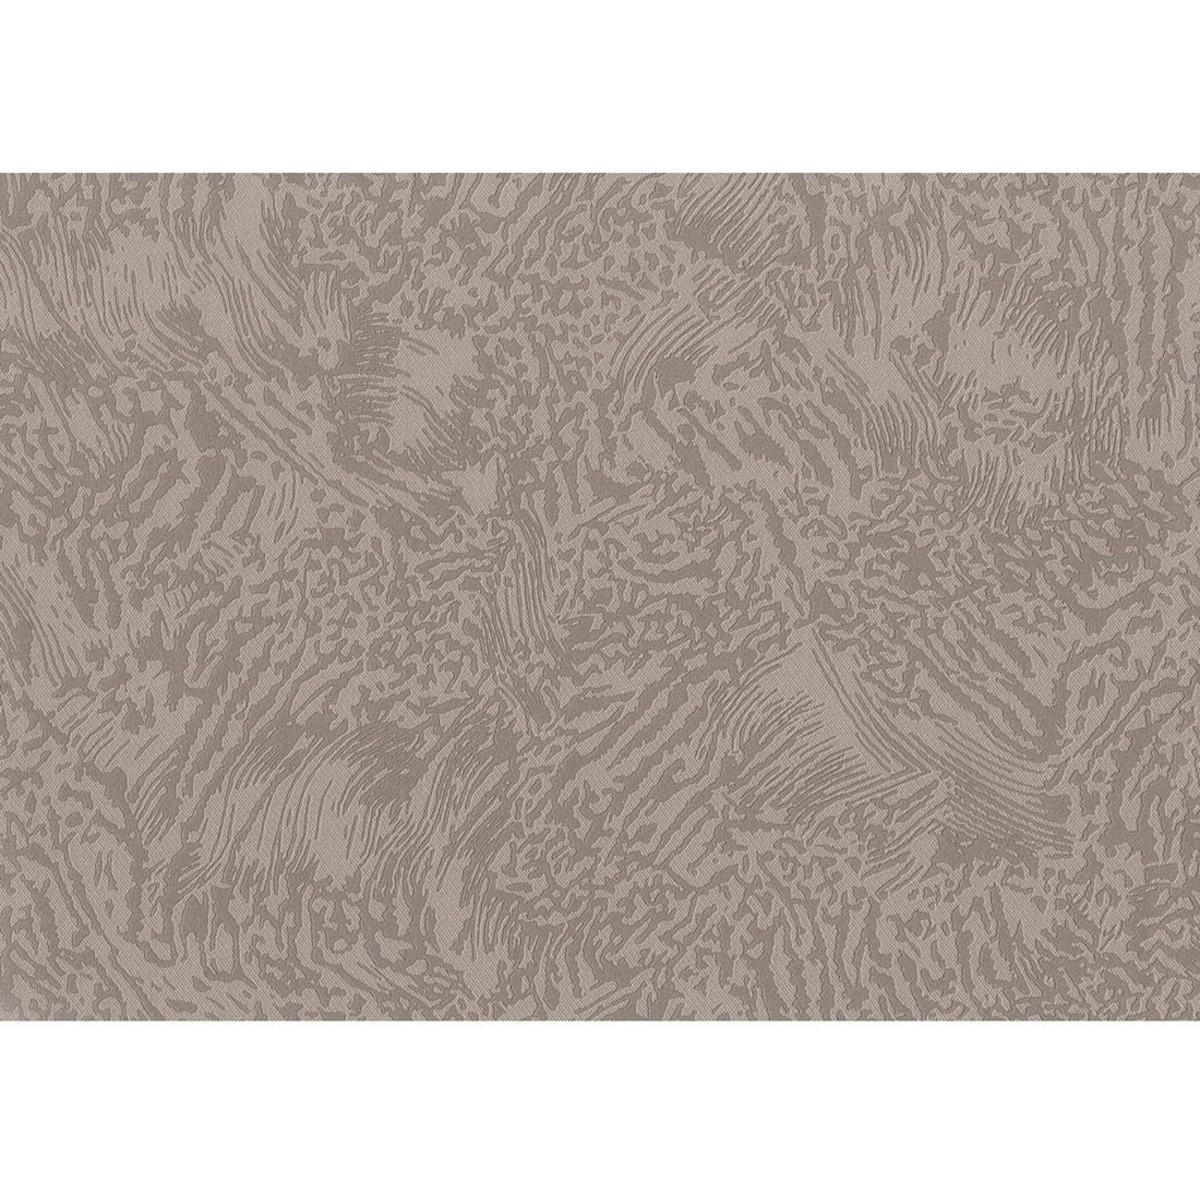 Обои флизелиновые Euro Decor коричневые 1.06 м 1170-12